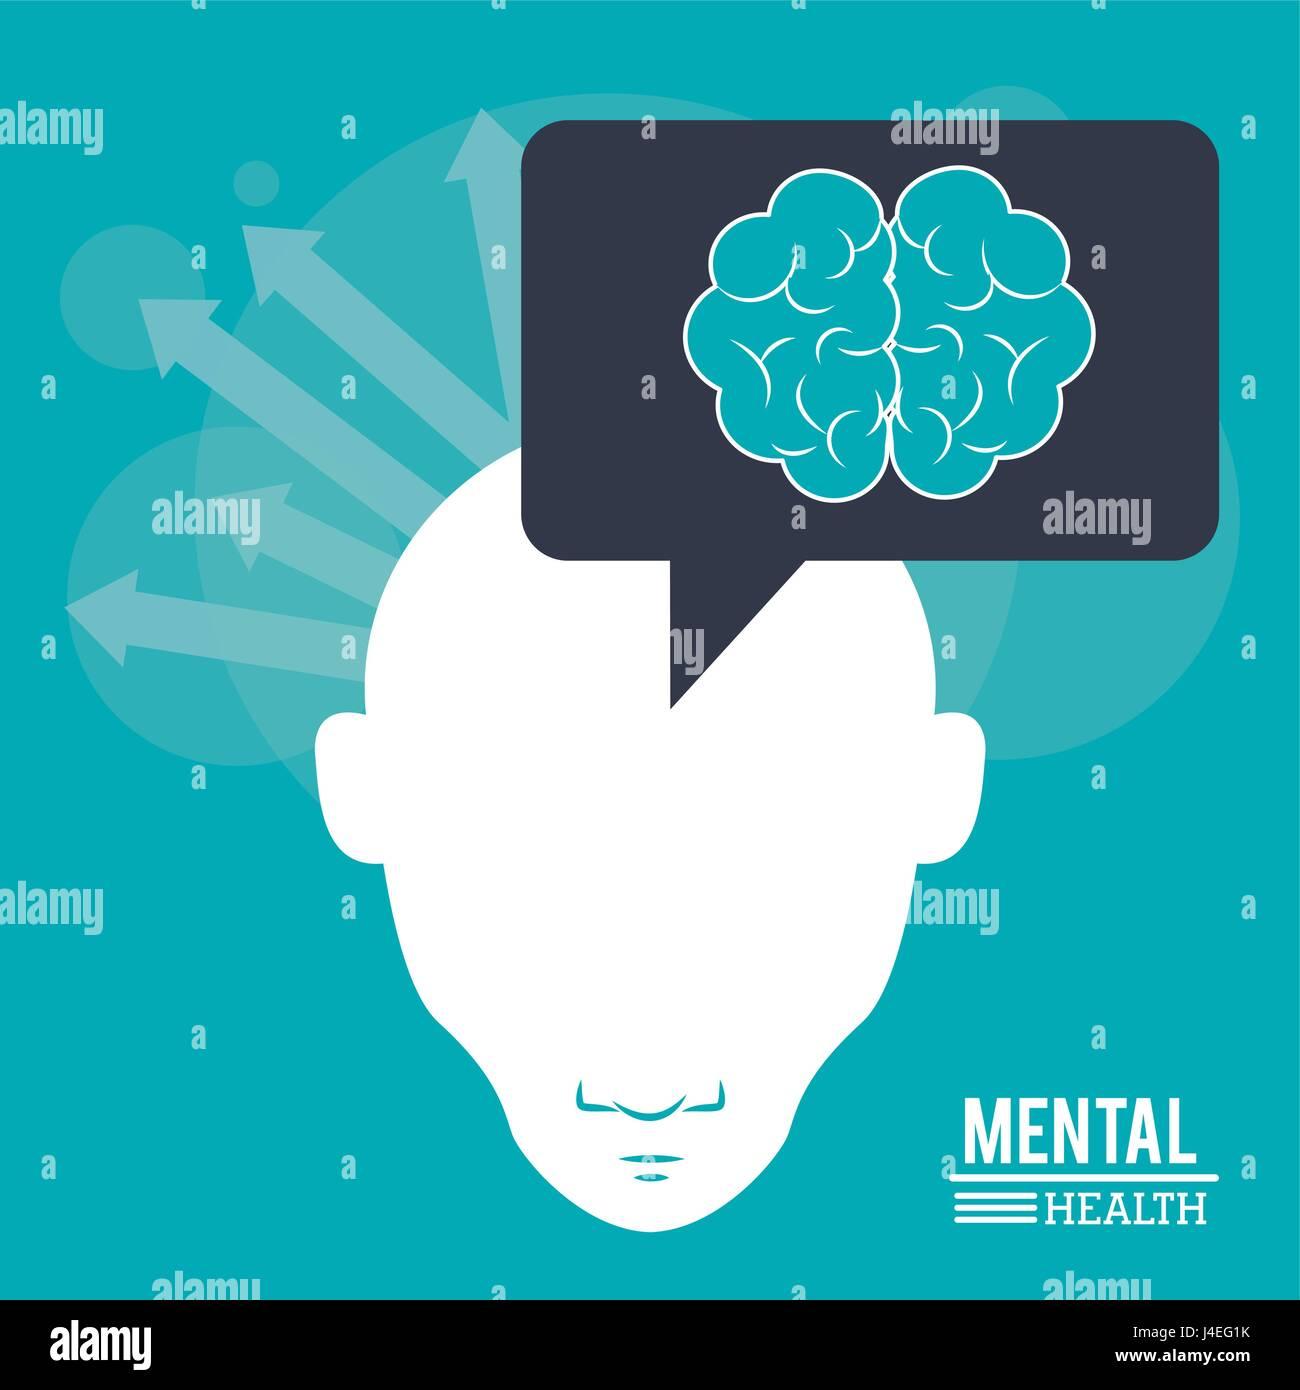 La salud mental, la cabeza humana con flechas pensando imagen cerebral Imagen De Stock